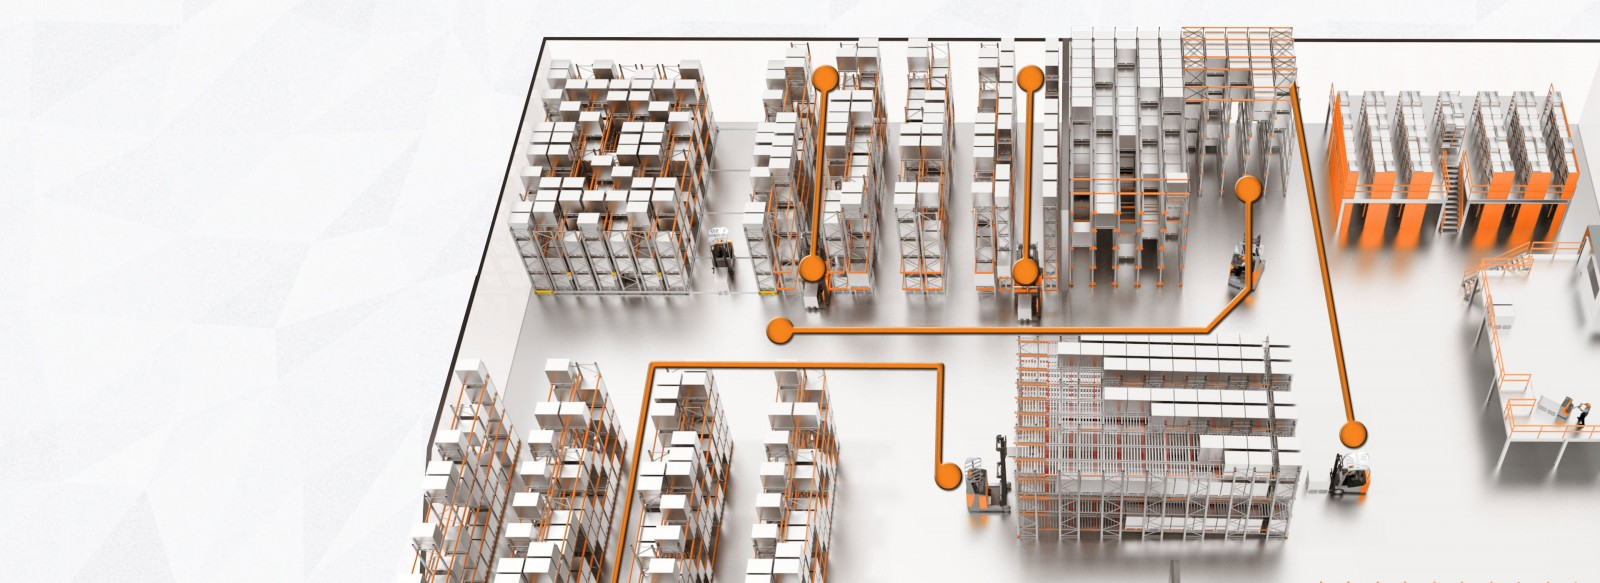 Intralogistik-Systeme - Für komplexe Anforderungen bestens geeignet